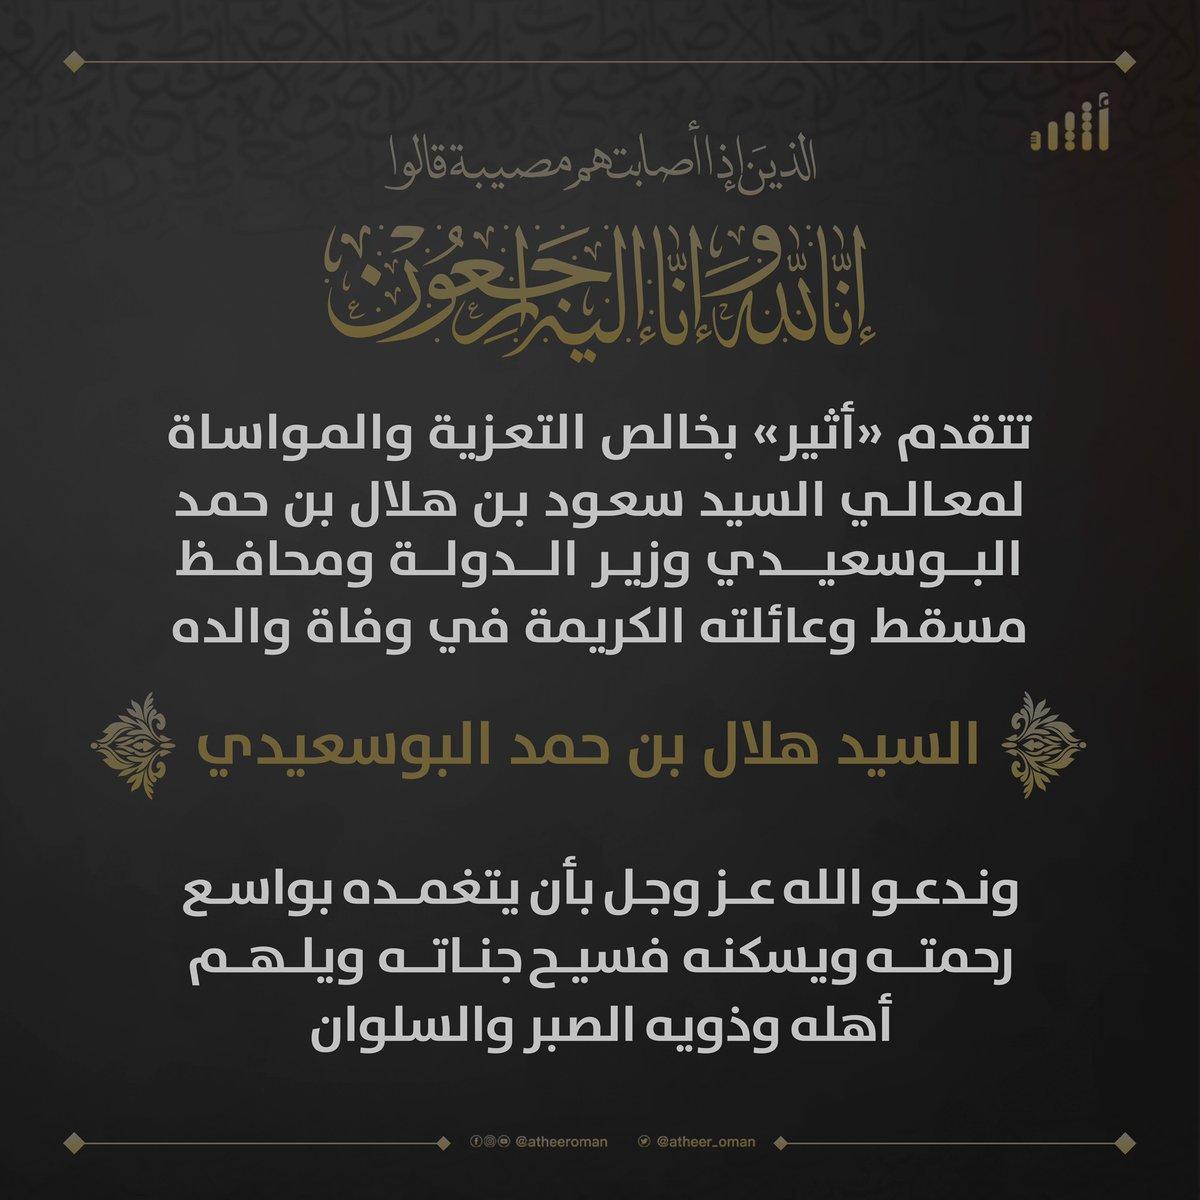 تعزية من أثير لمعالي السيد سعود بن هلال بن حمد البوسعيدي وزير الدولة ومحافظ مسقط.